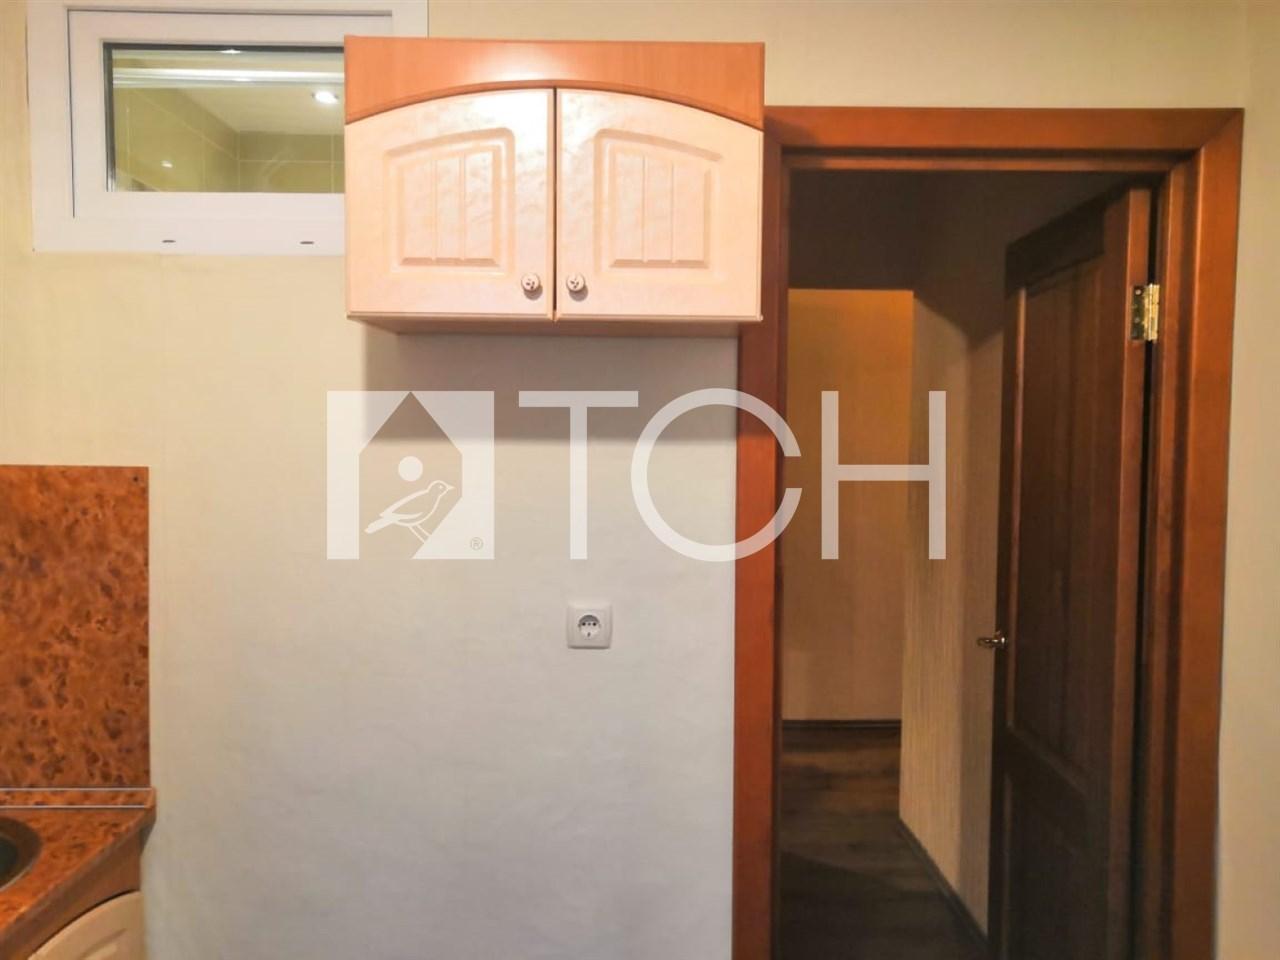 Квартира, 2 комнаты, 44 м² в Ивантеевке 89261425000 купить 8